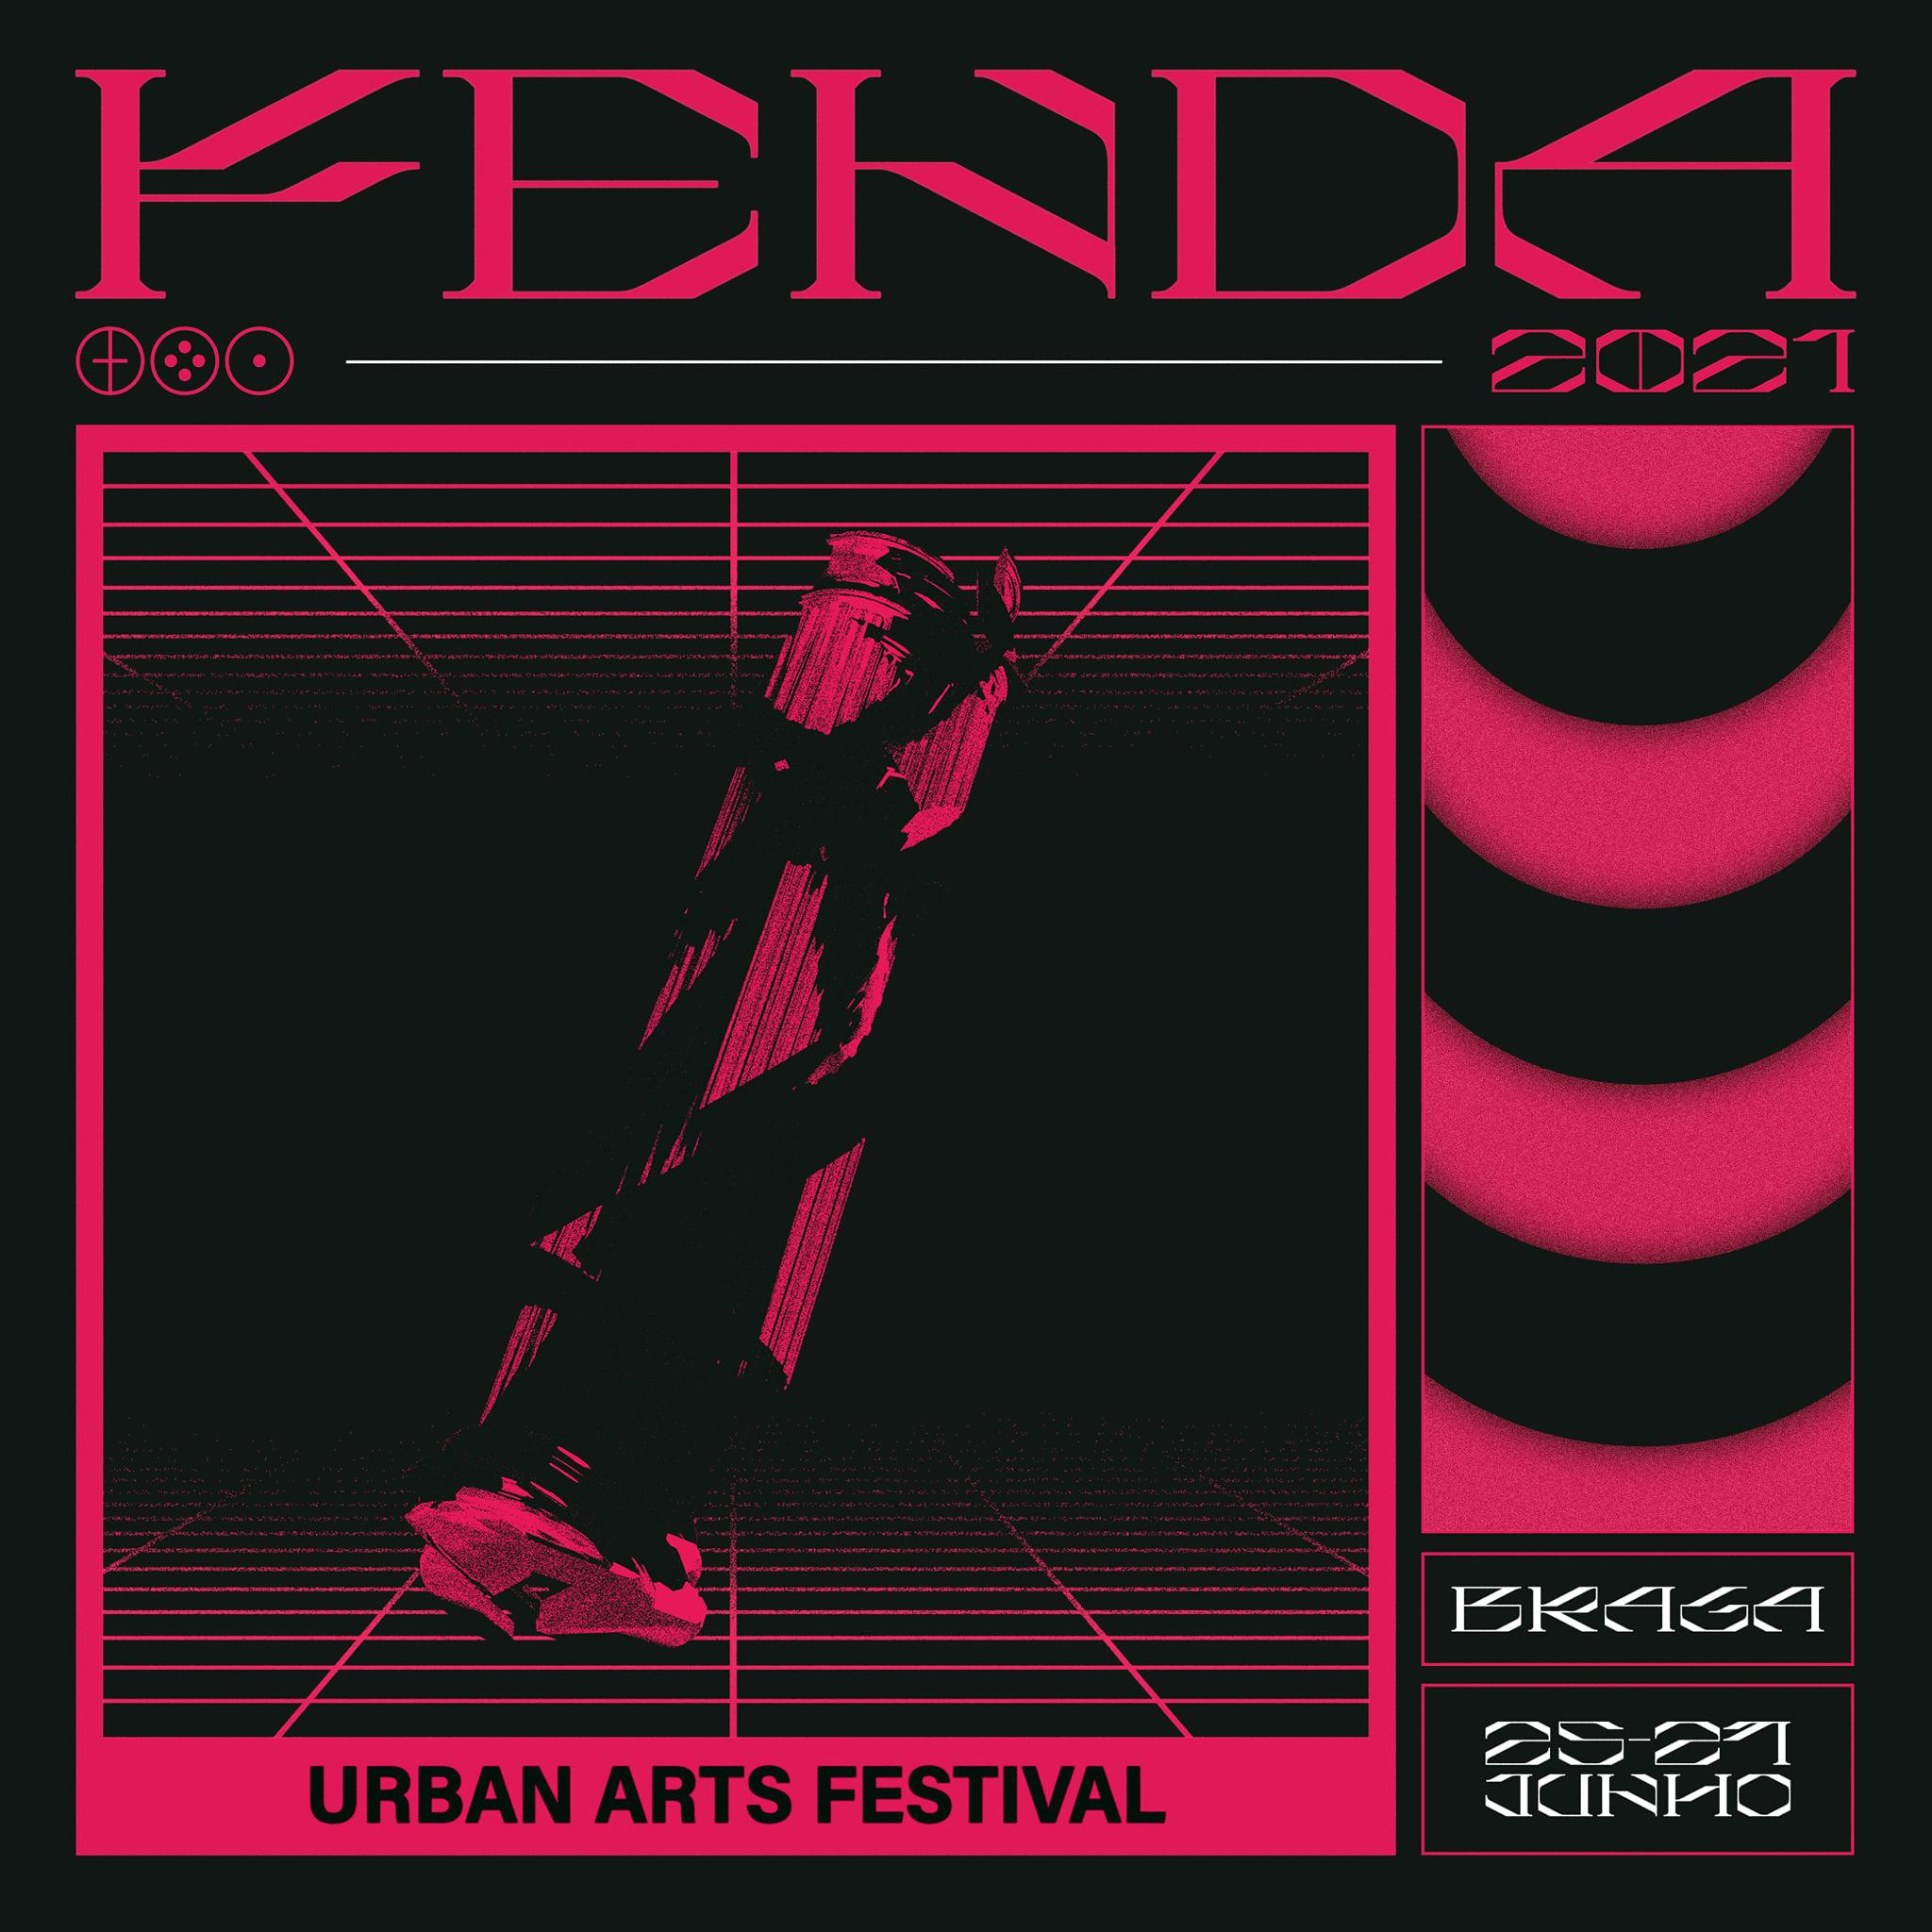 Braga recebe Festival de Arte Urbana em Junho